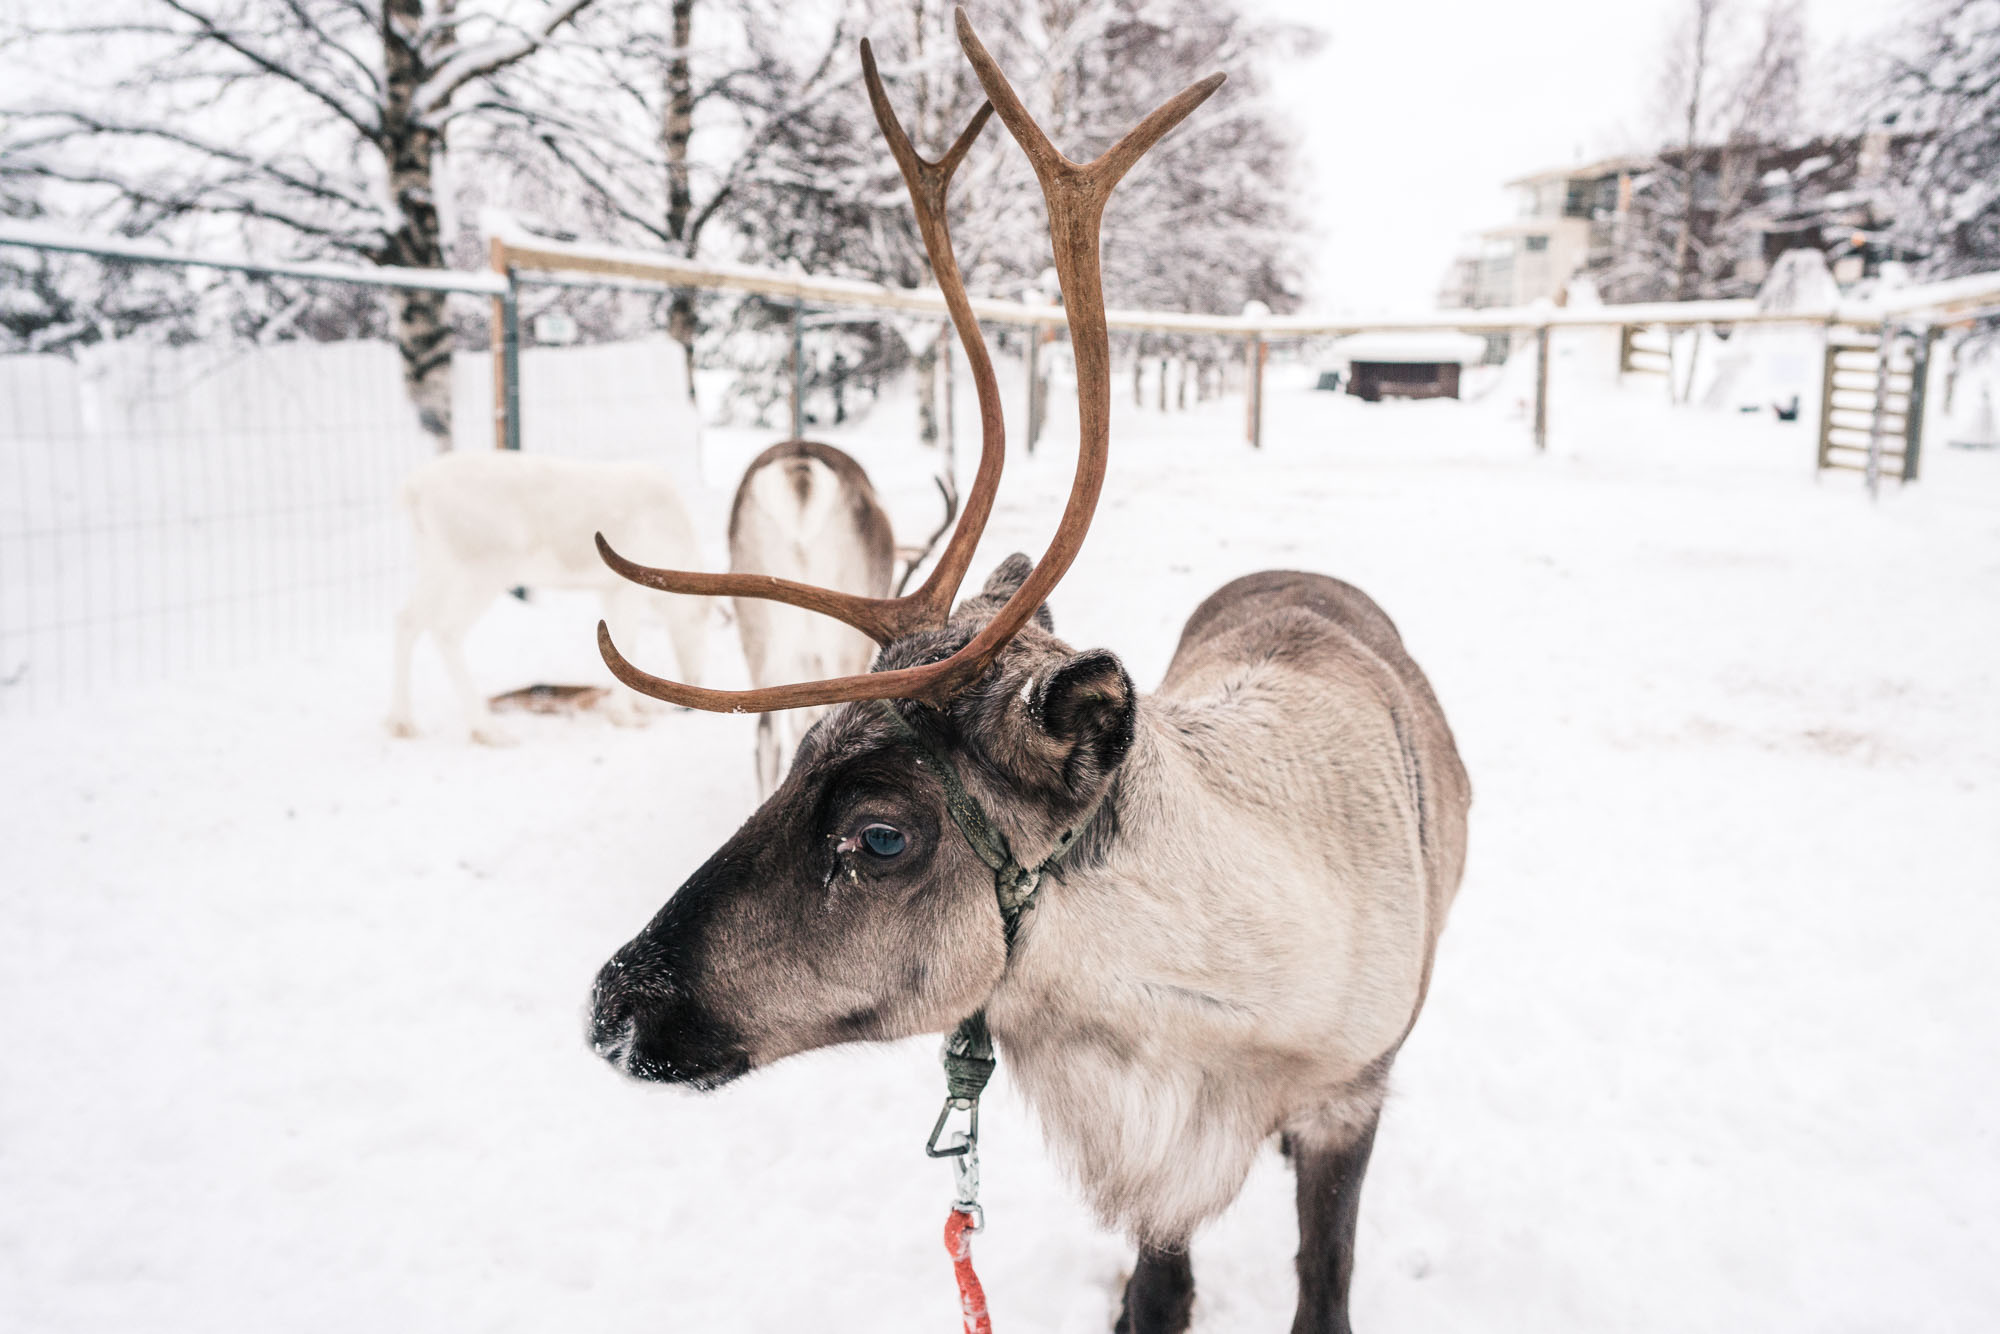 Reindeer in Kuusamo Lapland Finland